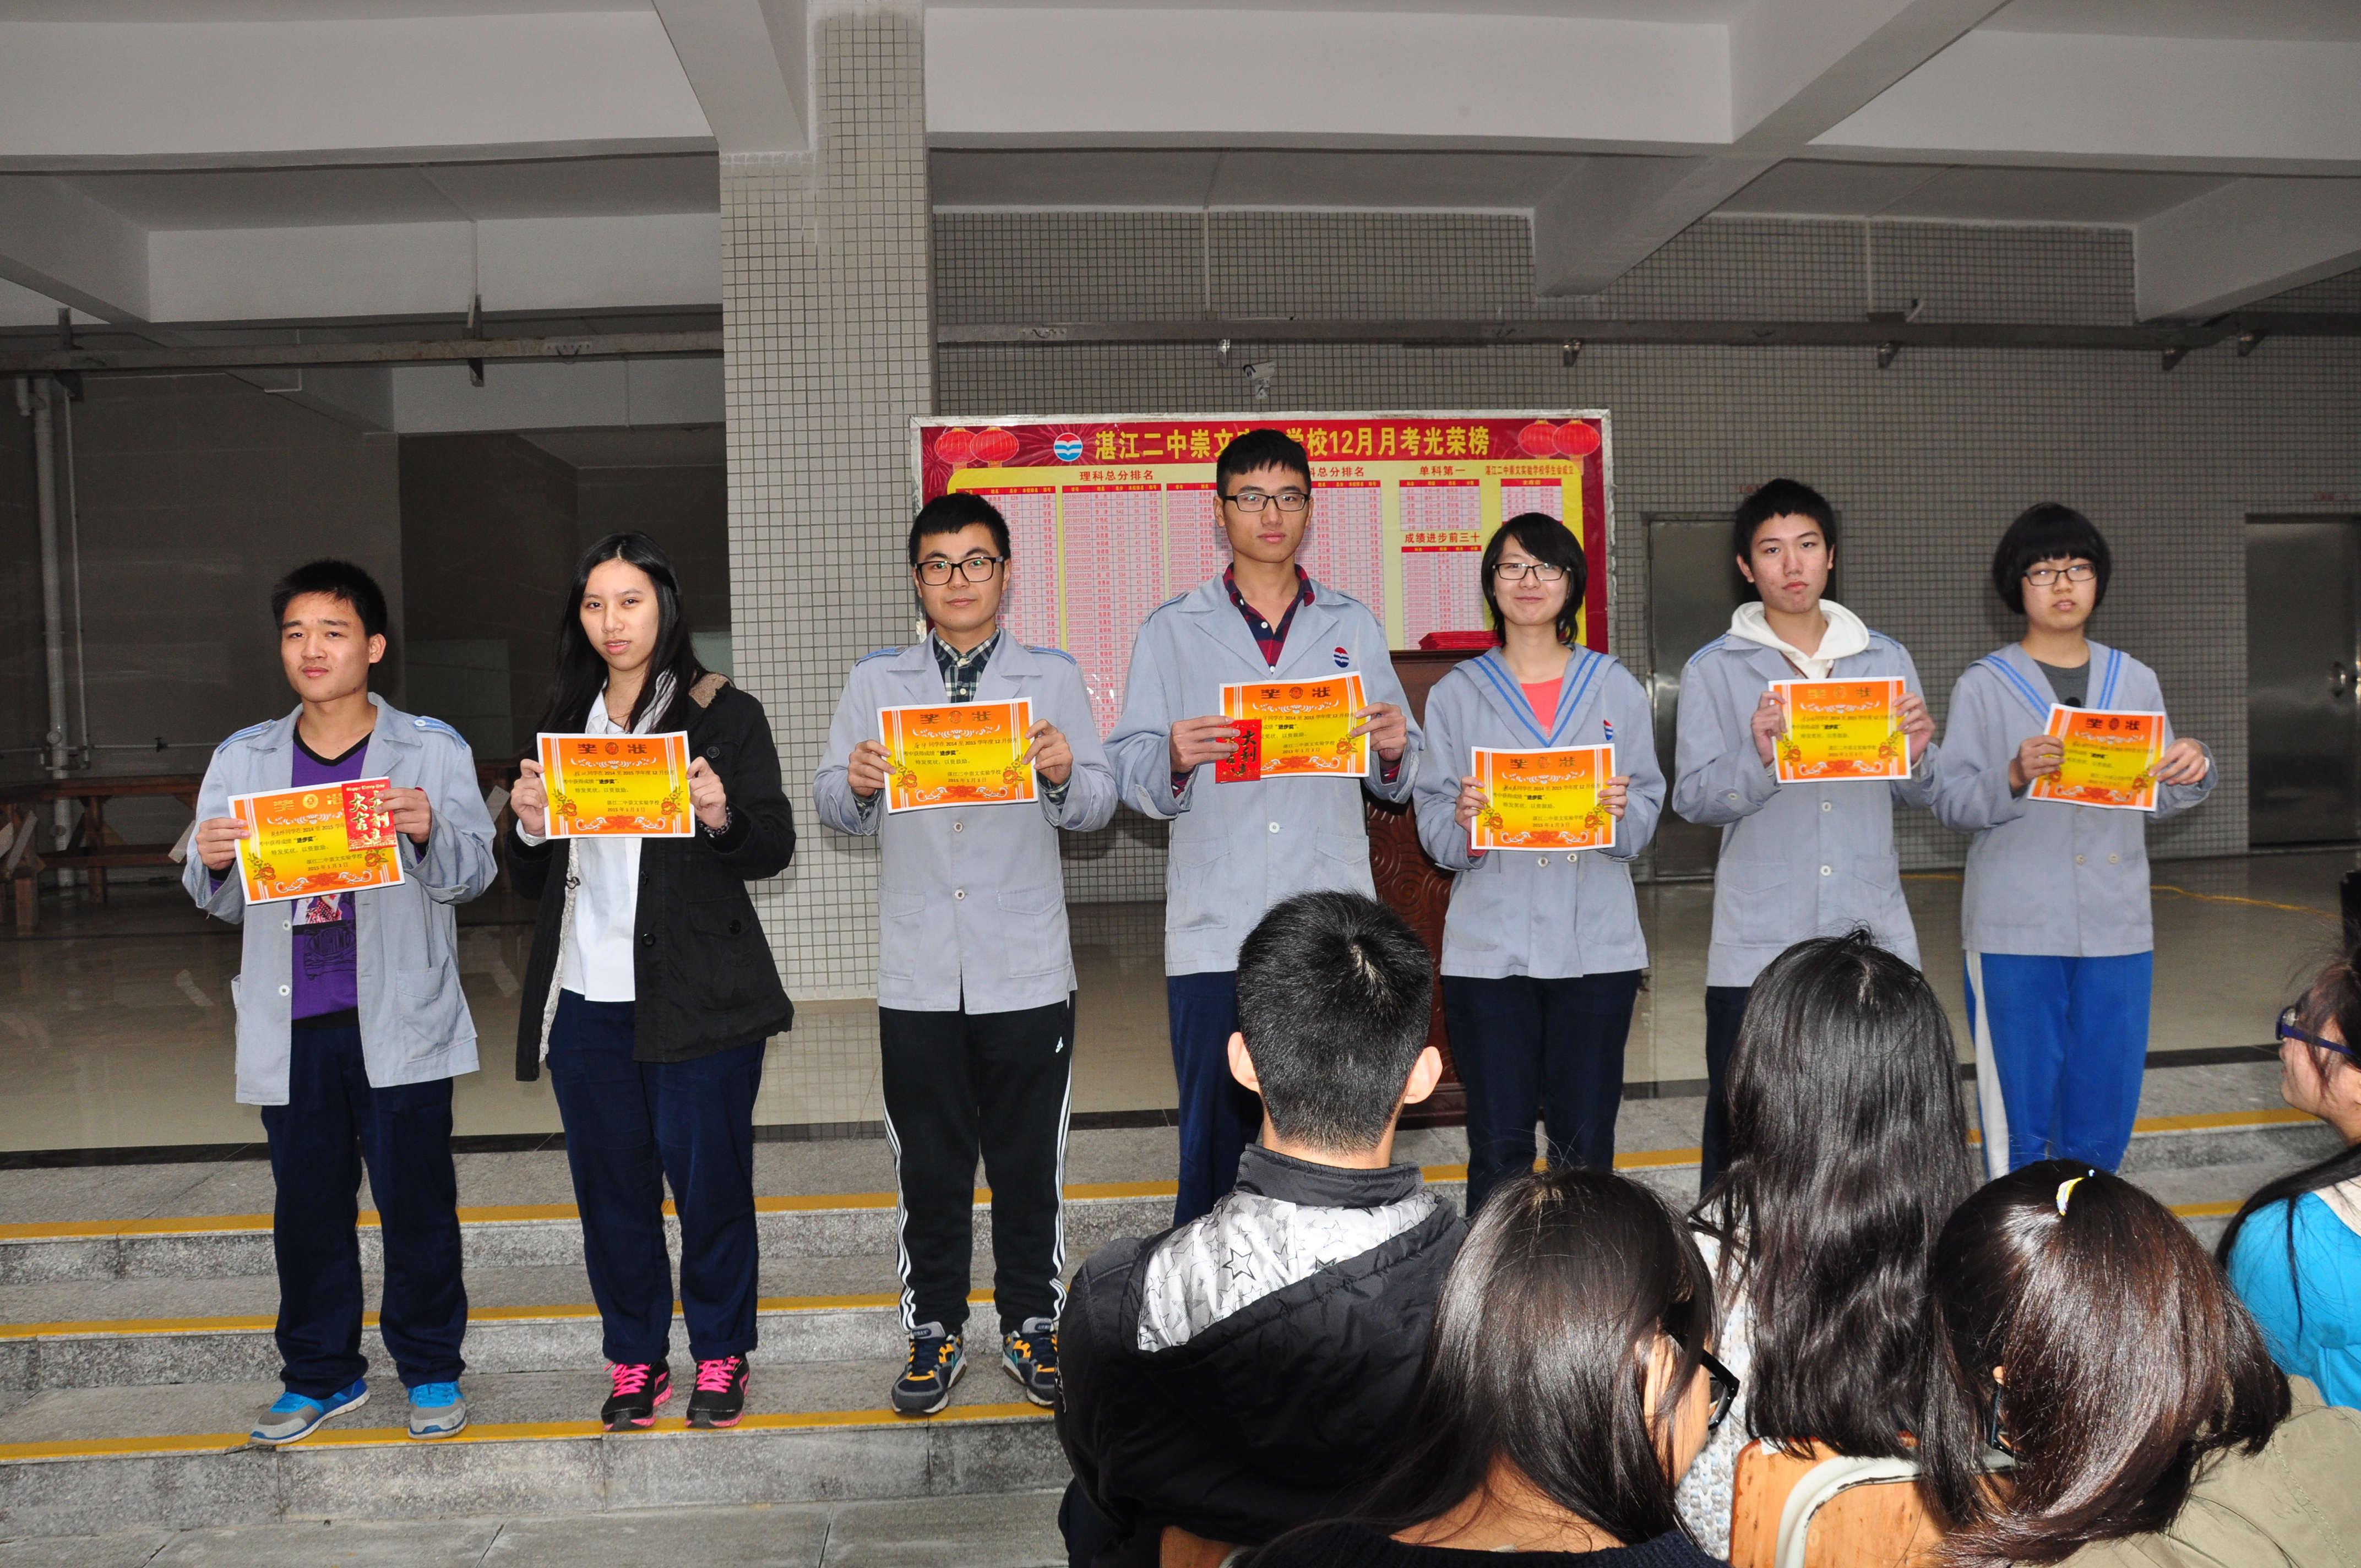 湛江二中崇文实验学校中学召开12月份月考表彰暨学